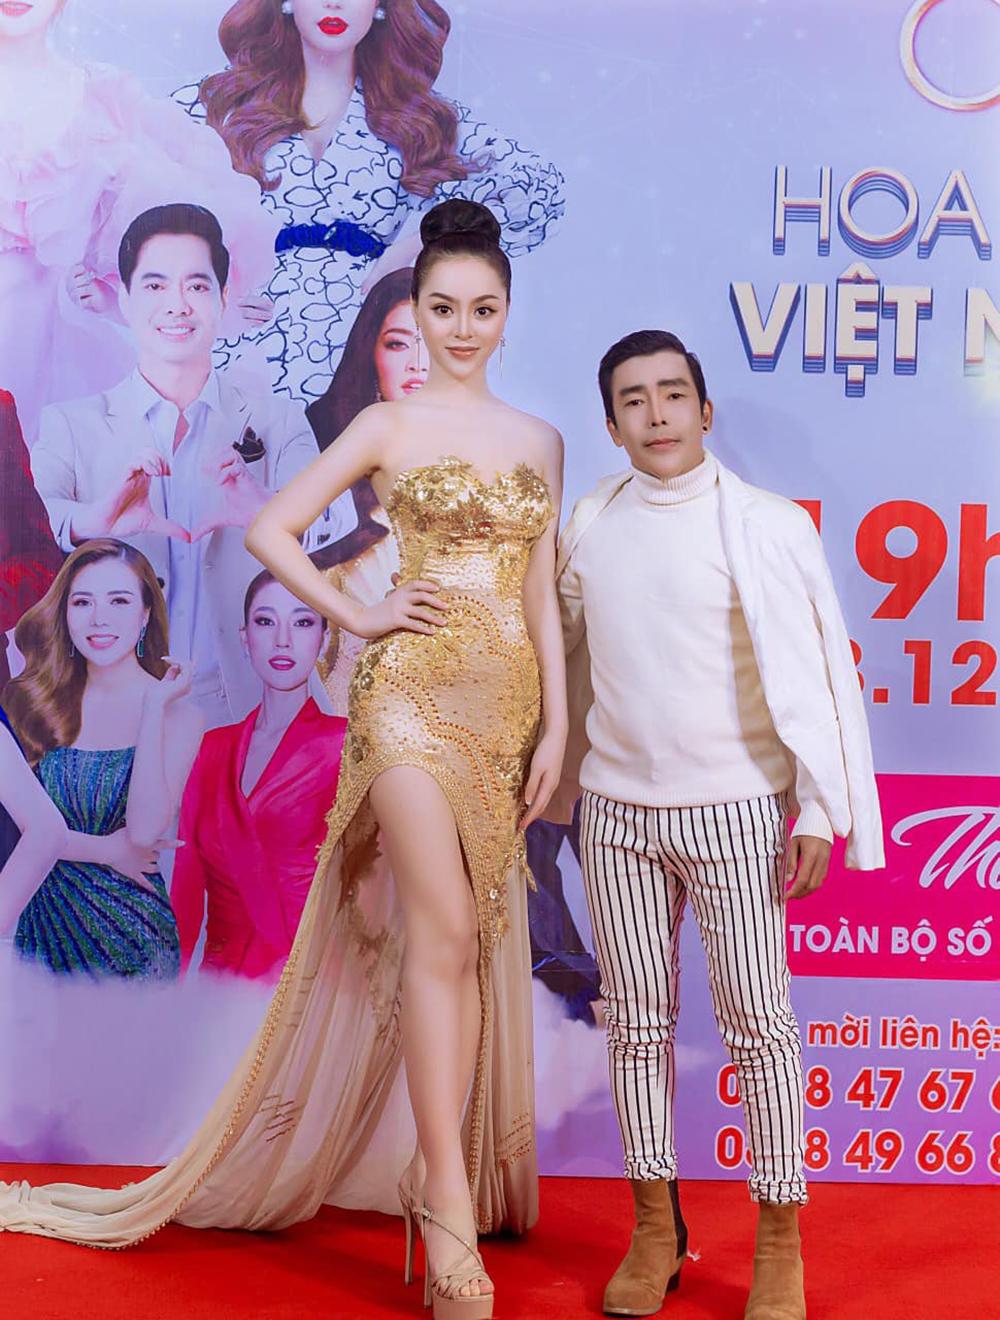 Hình ảnh Minh Nguyệt và người thầy tại chung kết cuộc thi hoa hậu